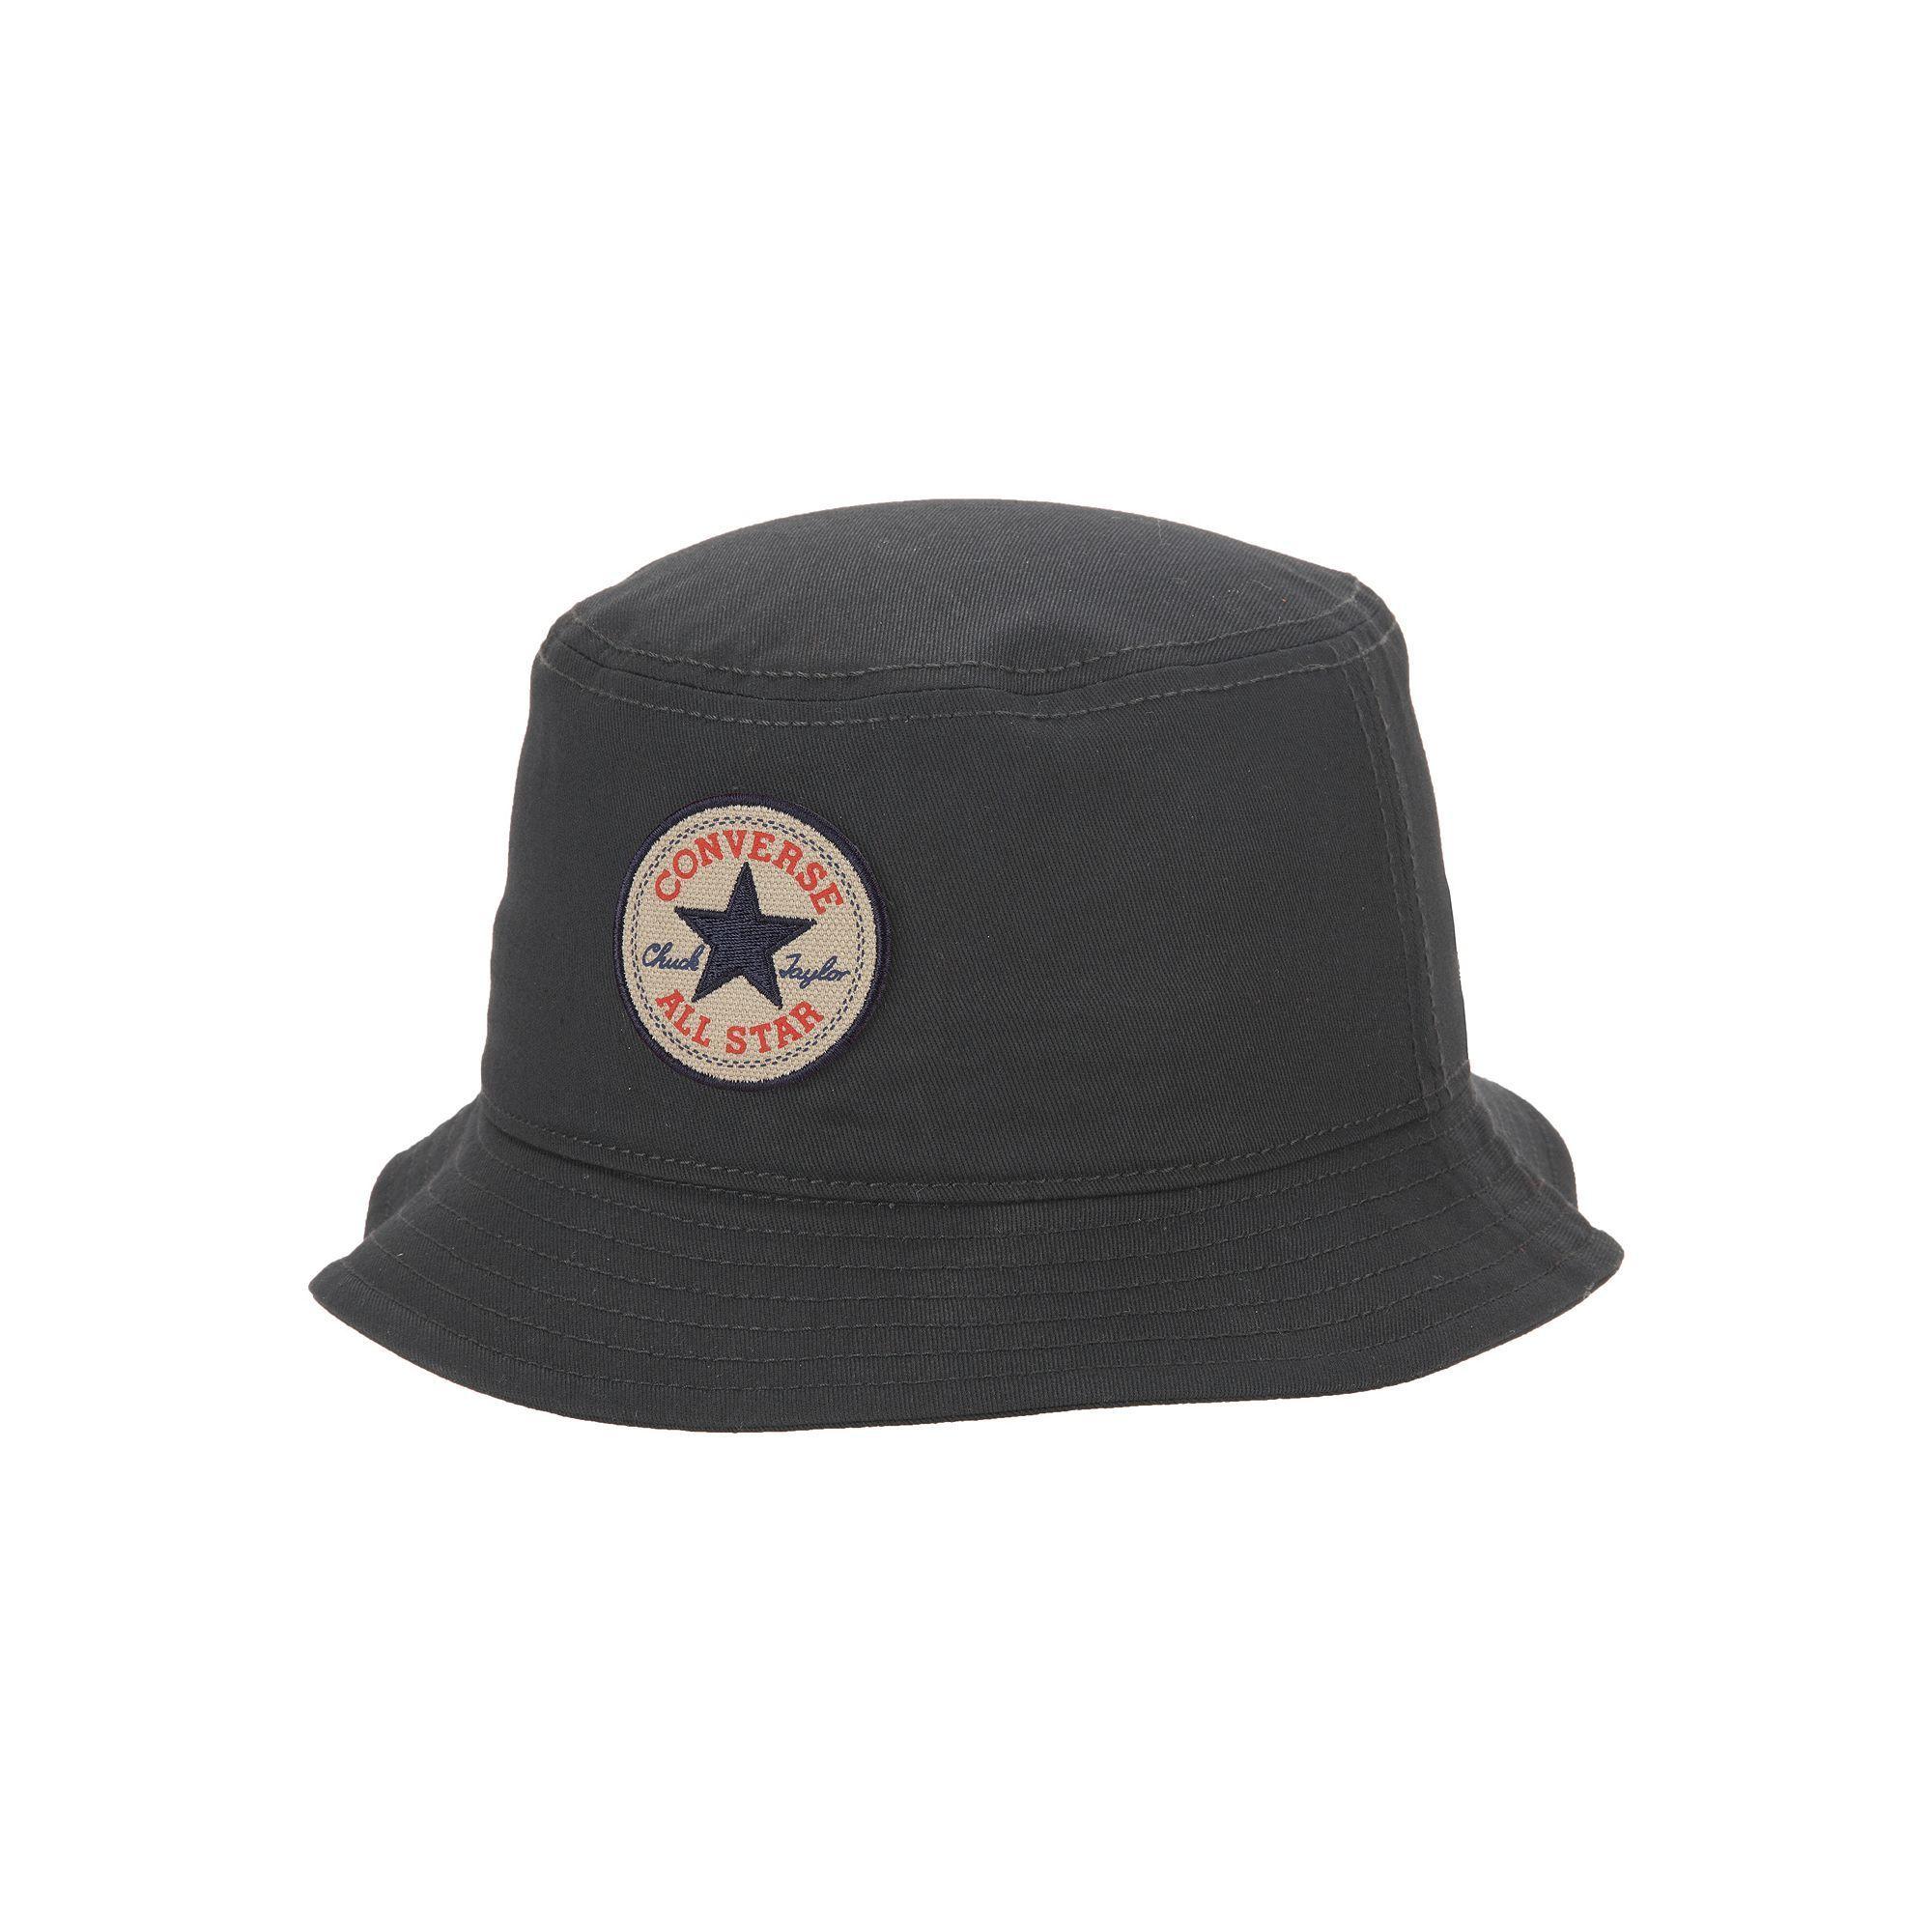 Men s Converse Classic Bucket Hat 8a93e786e8e